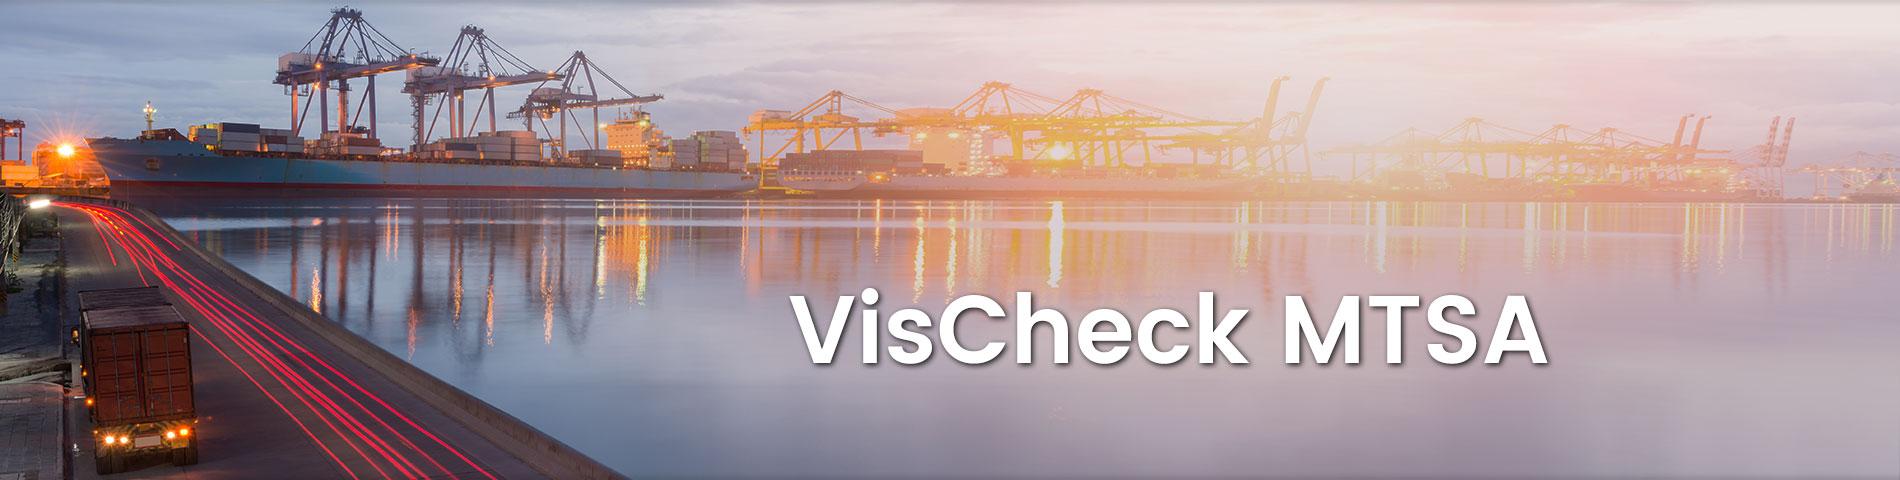 VisCheck MTSA